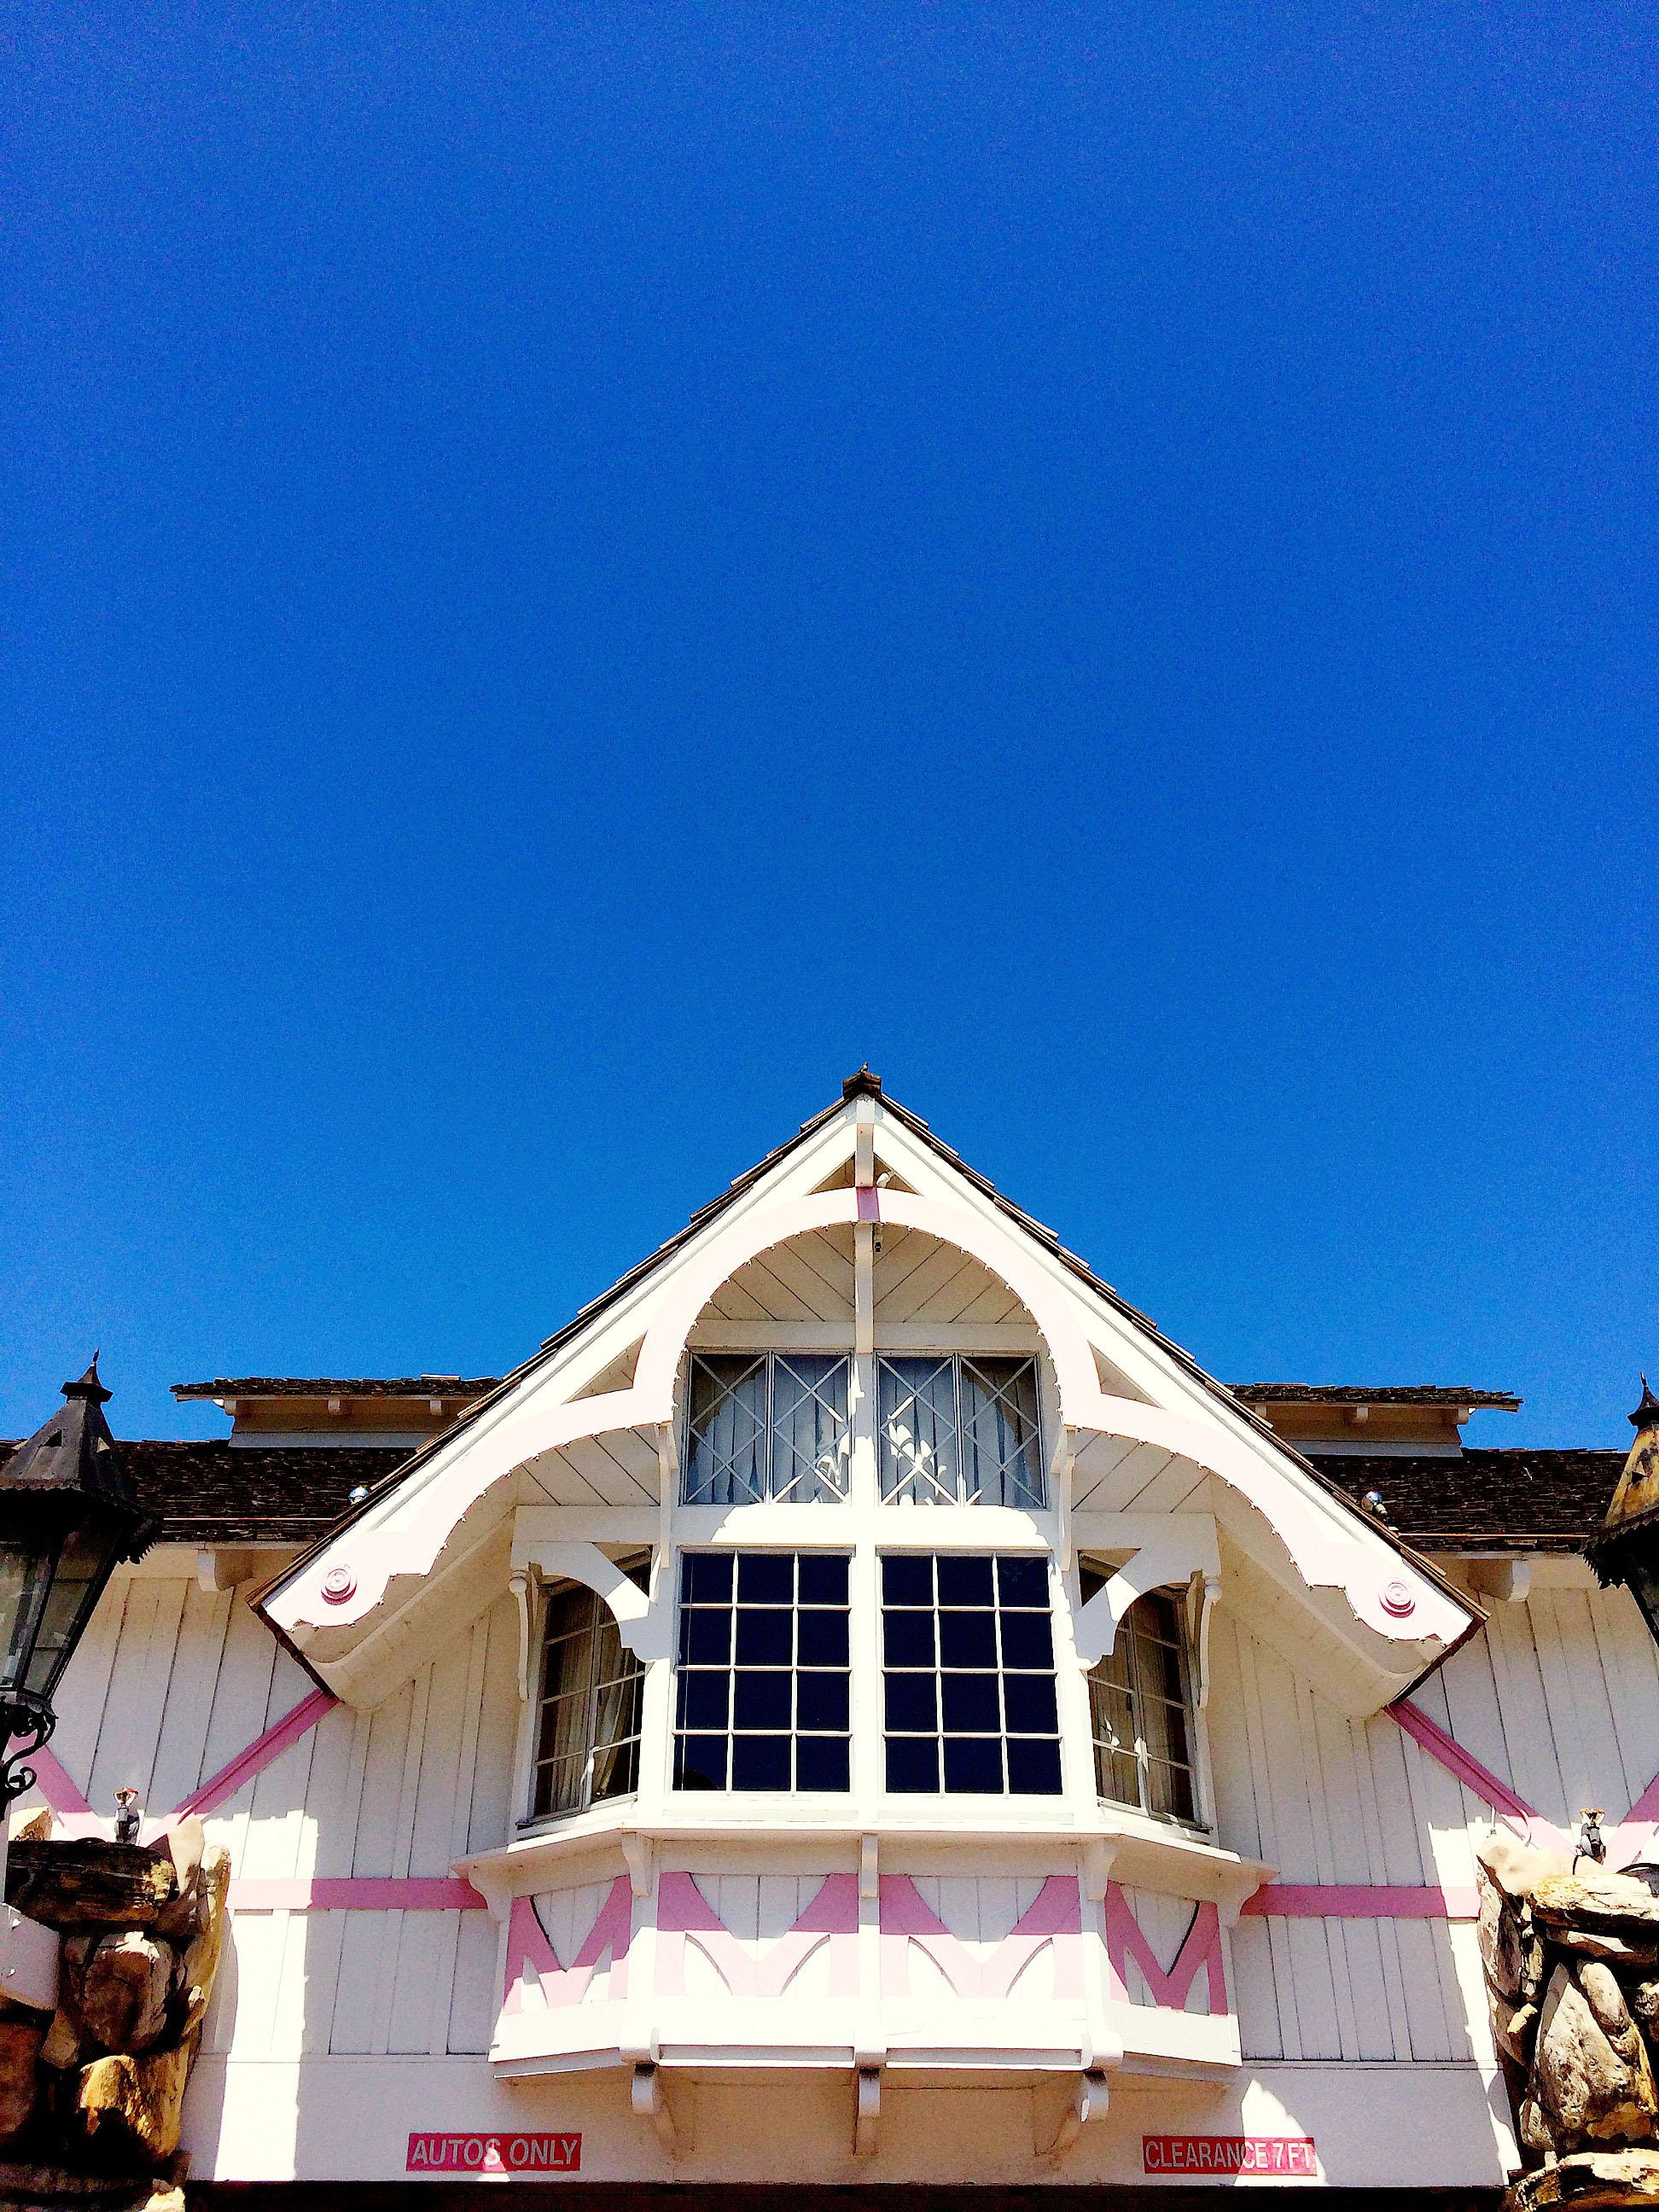 Madonna Inn on ourcitylights photo6.jpg